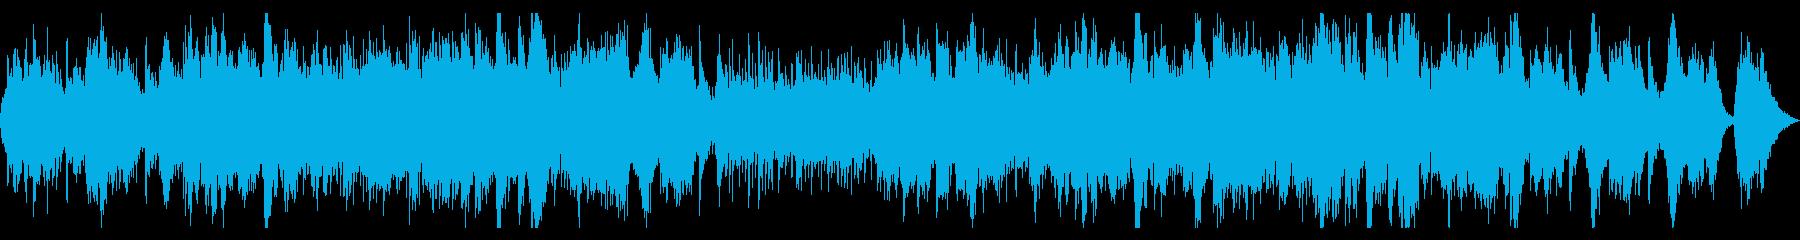 二胡を使ったアジア風感動バラードの再生済みの波形